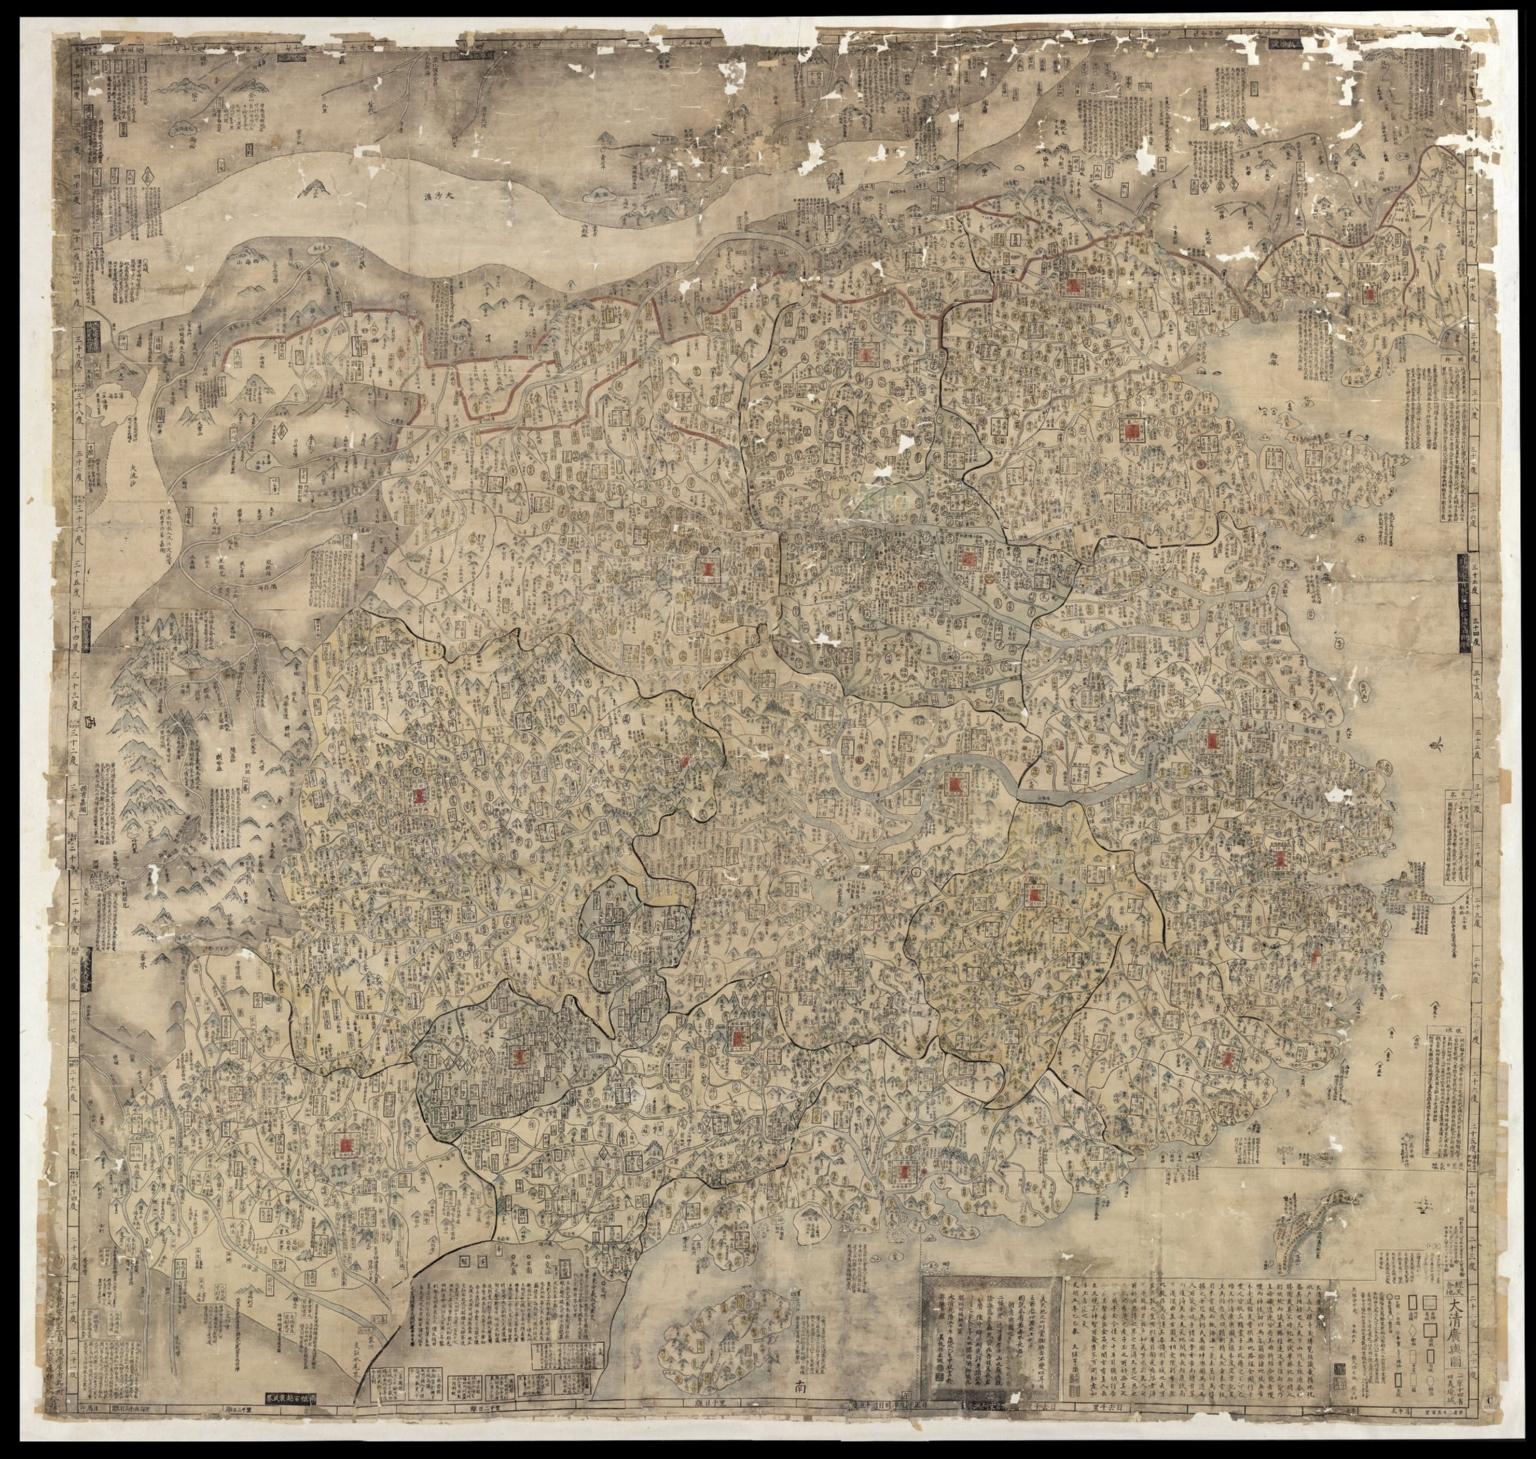 大清廣輿圖 = Carte de la Chine sous la dynastie Ts'ing